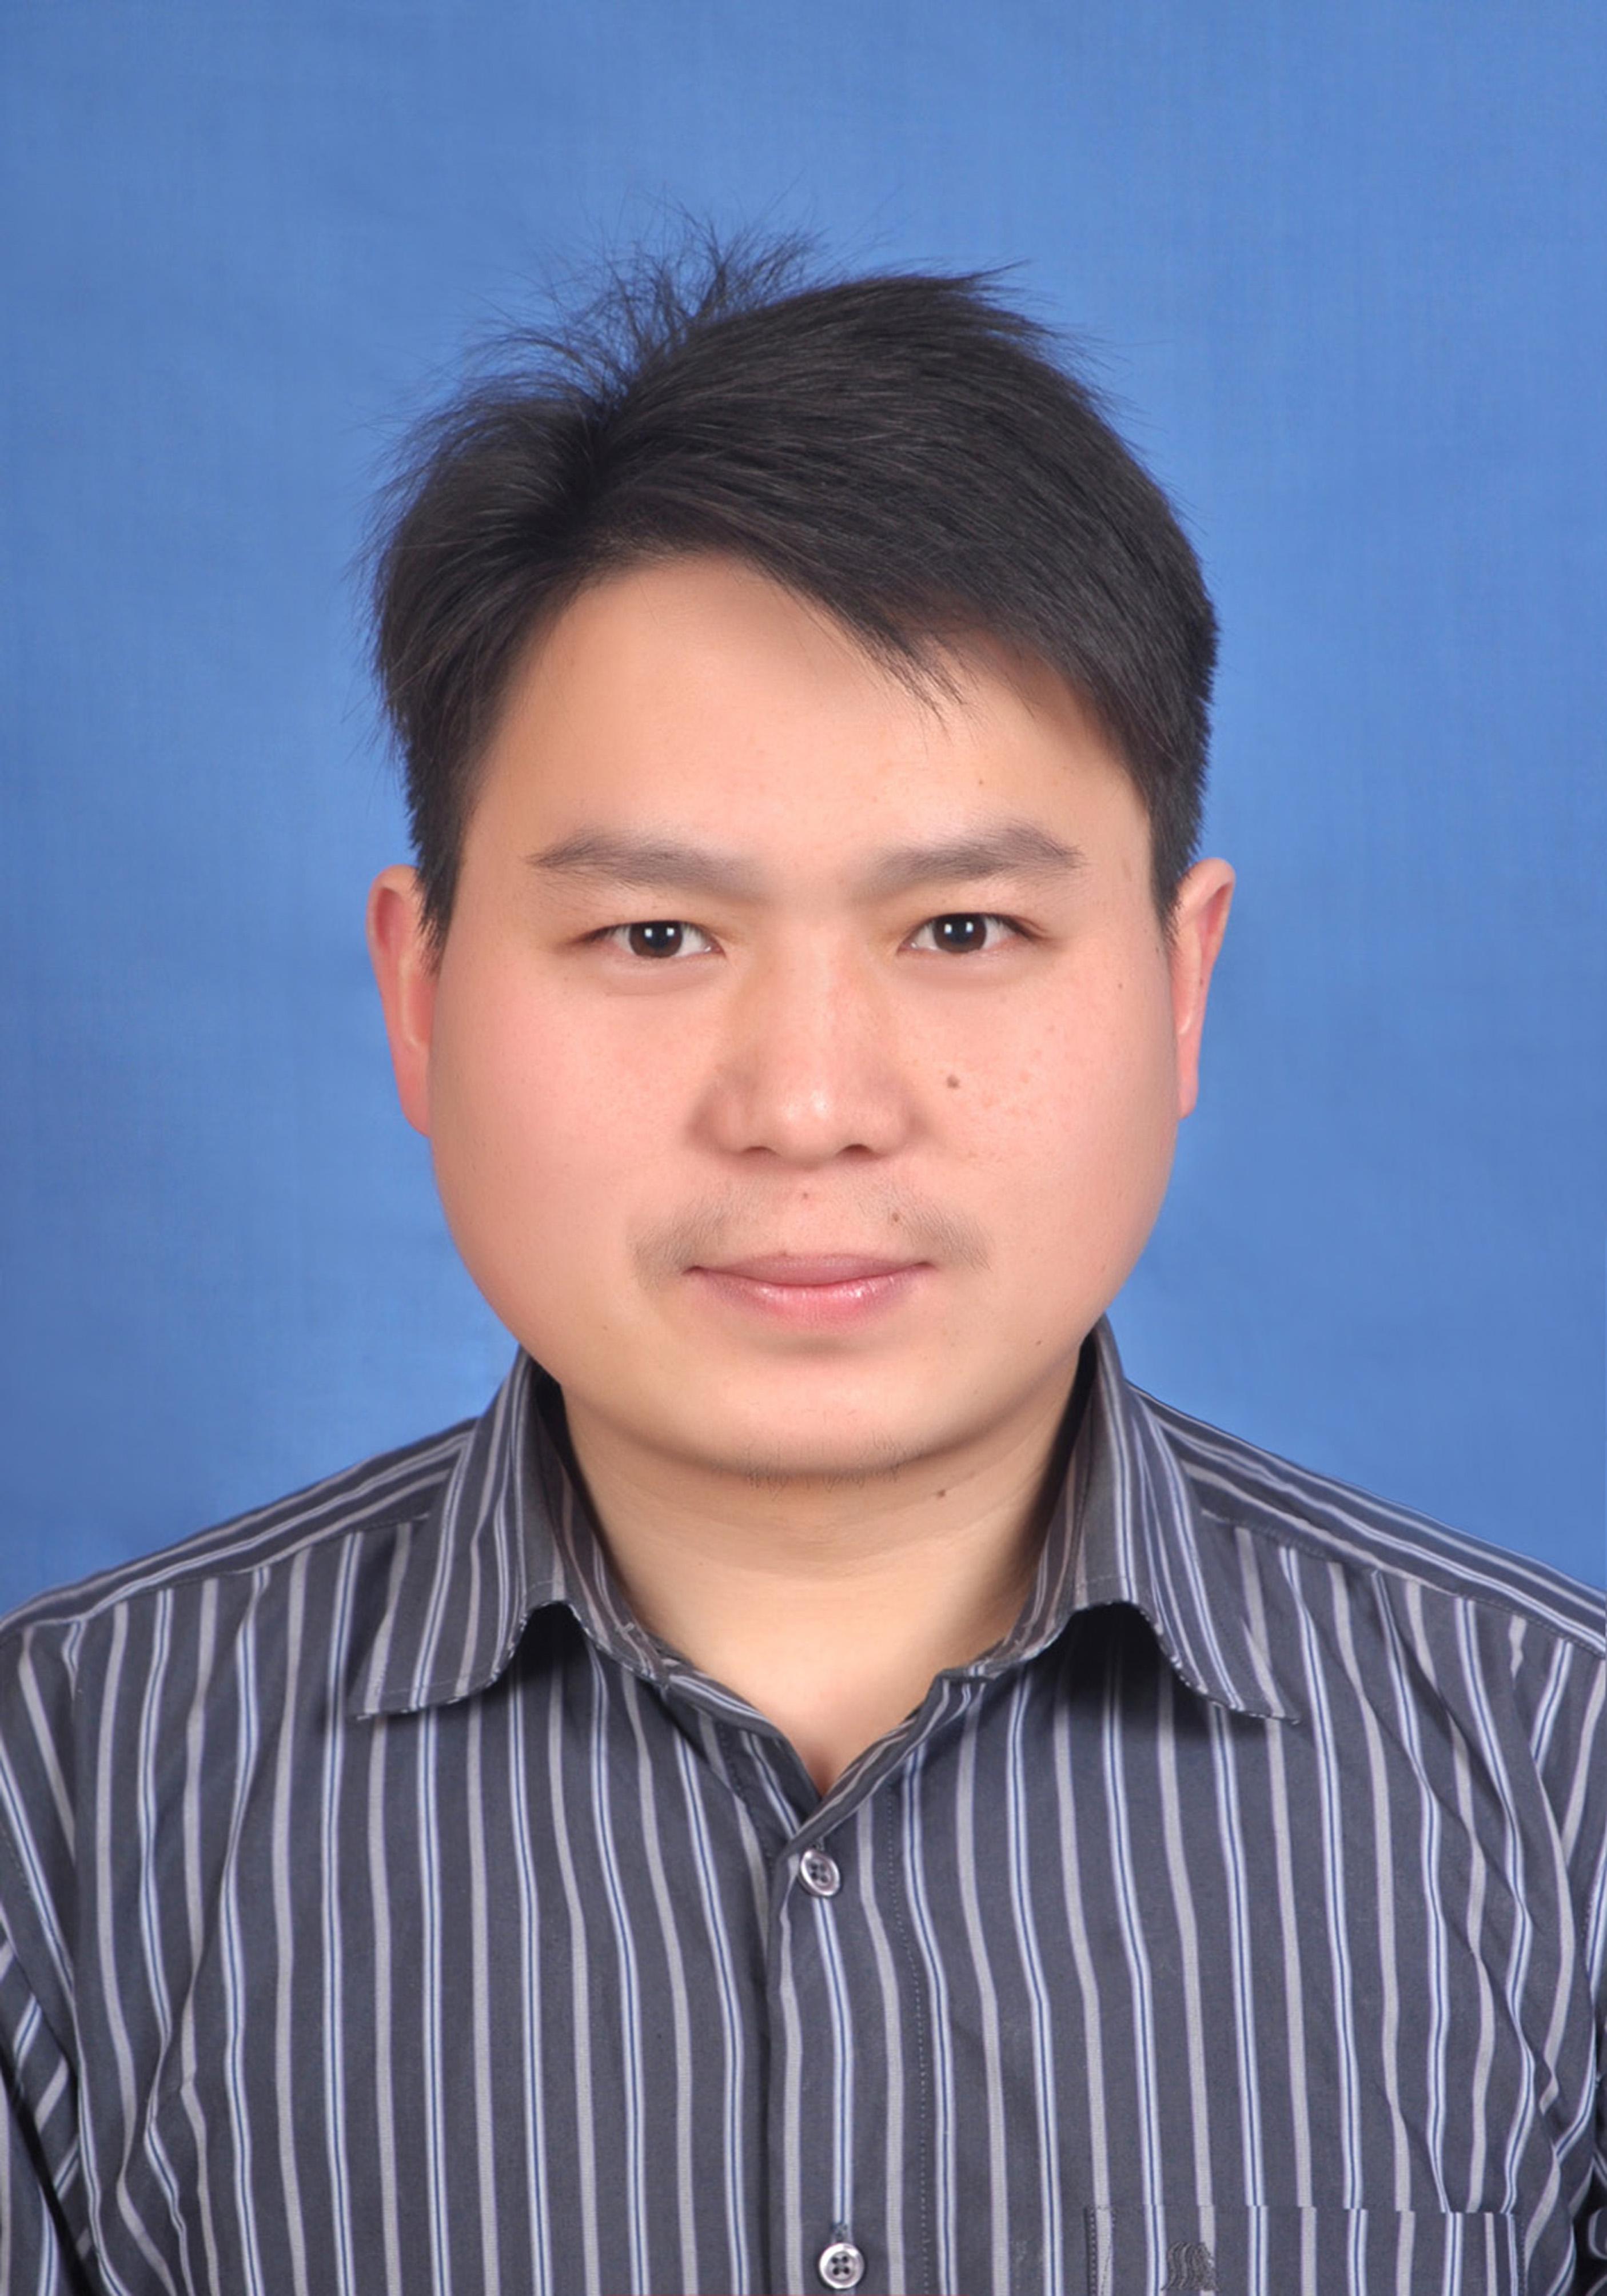 Dr. Faqiang Wang